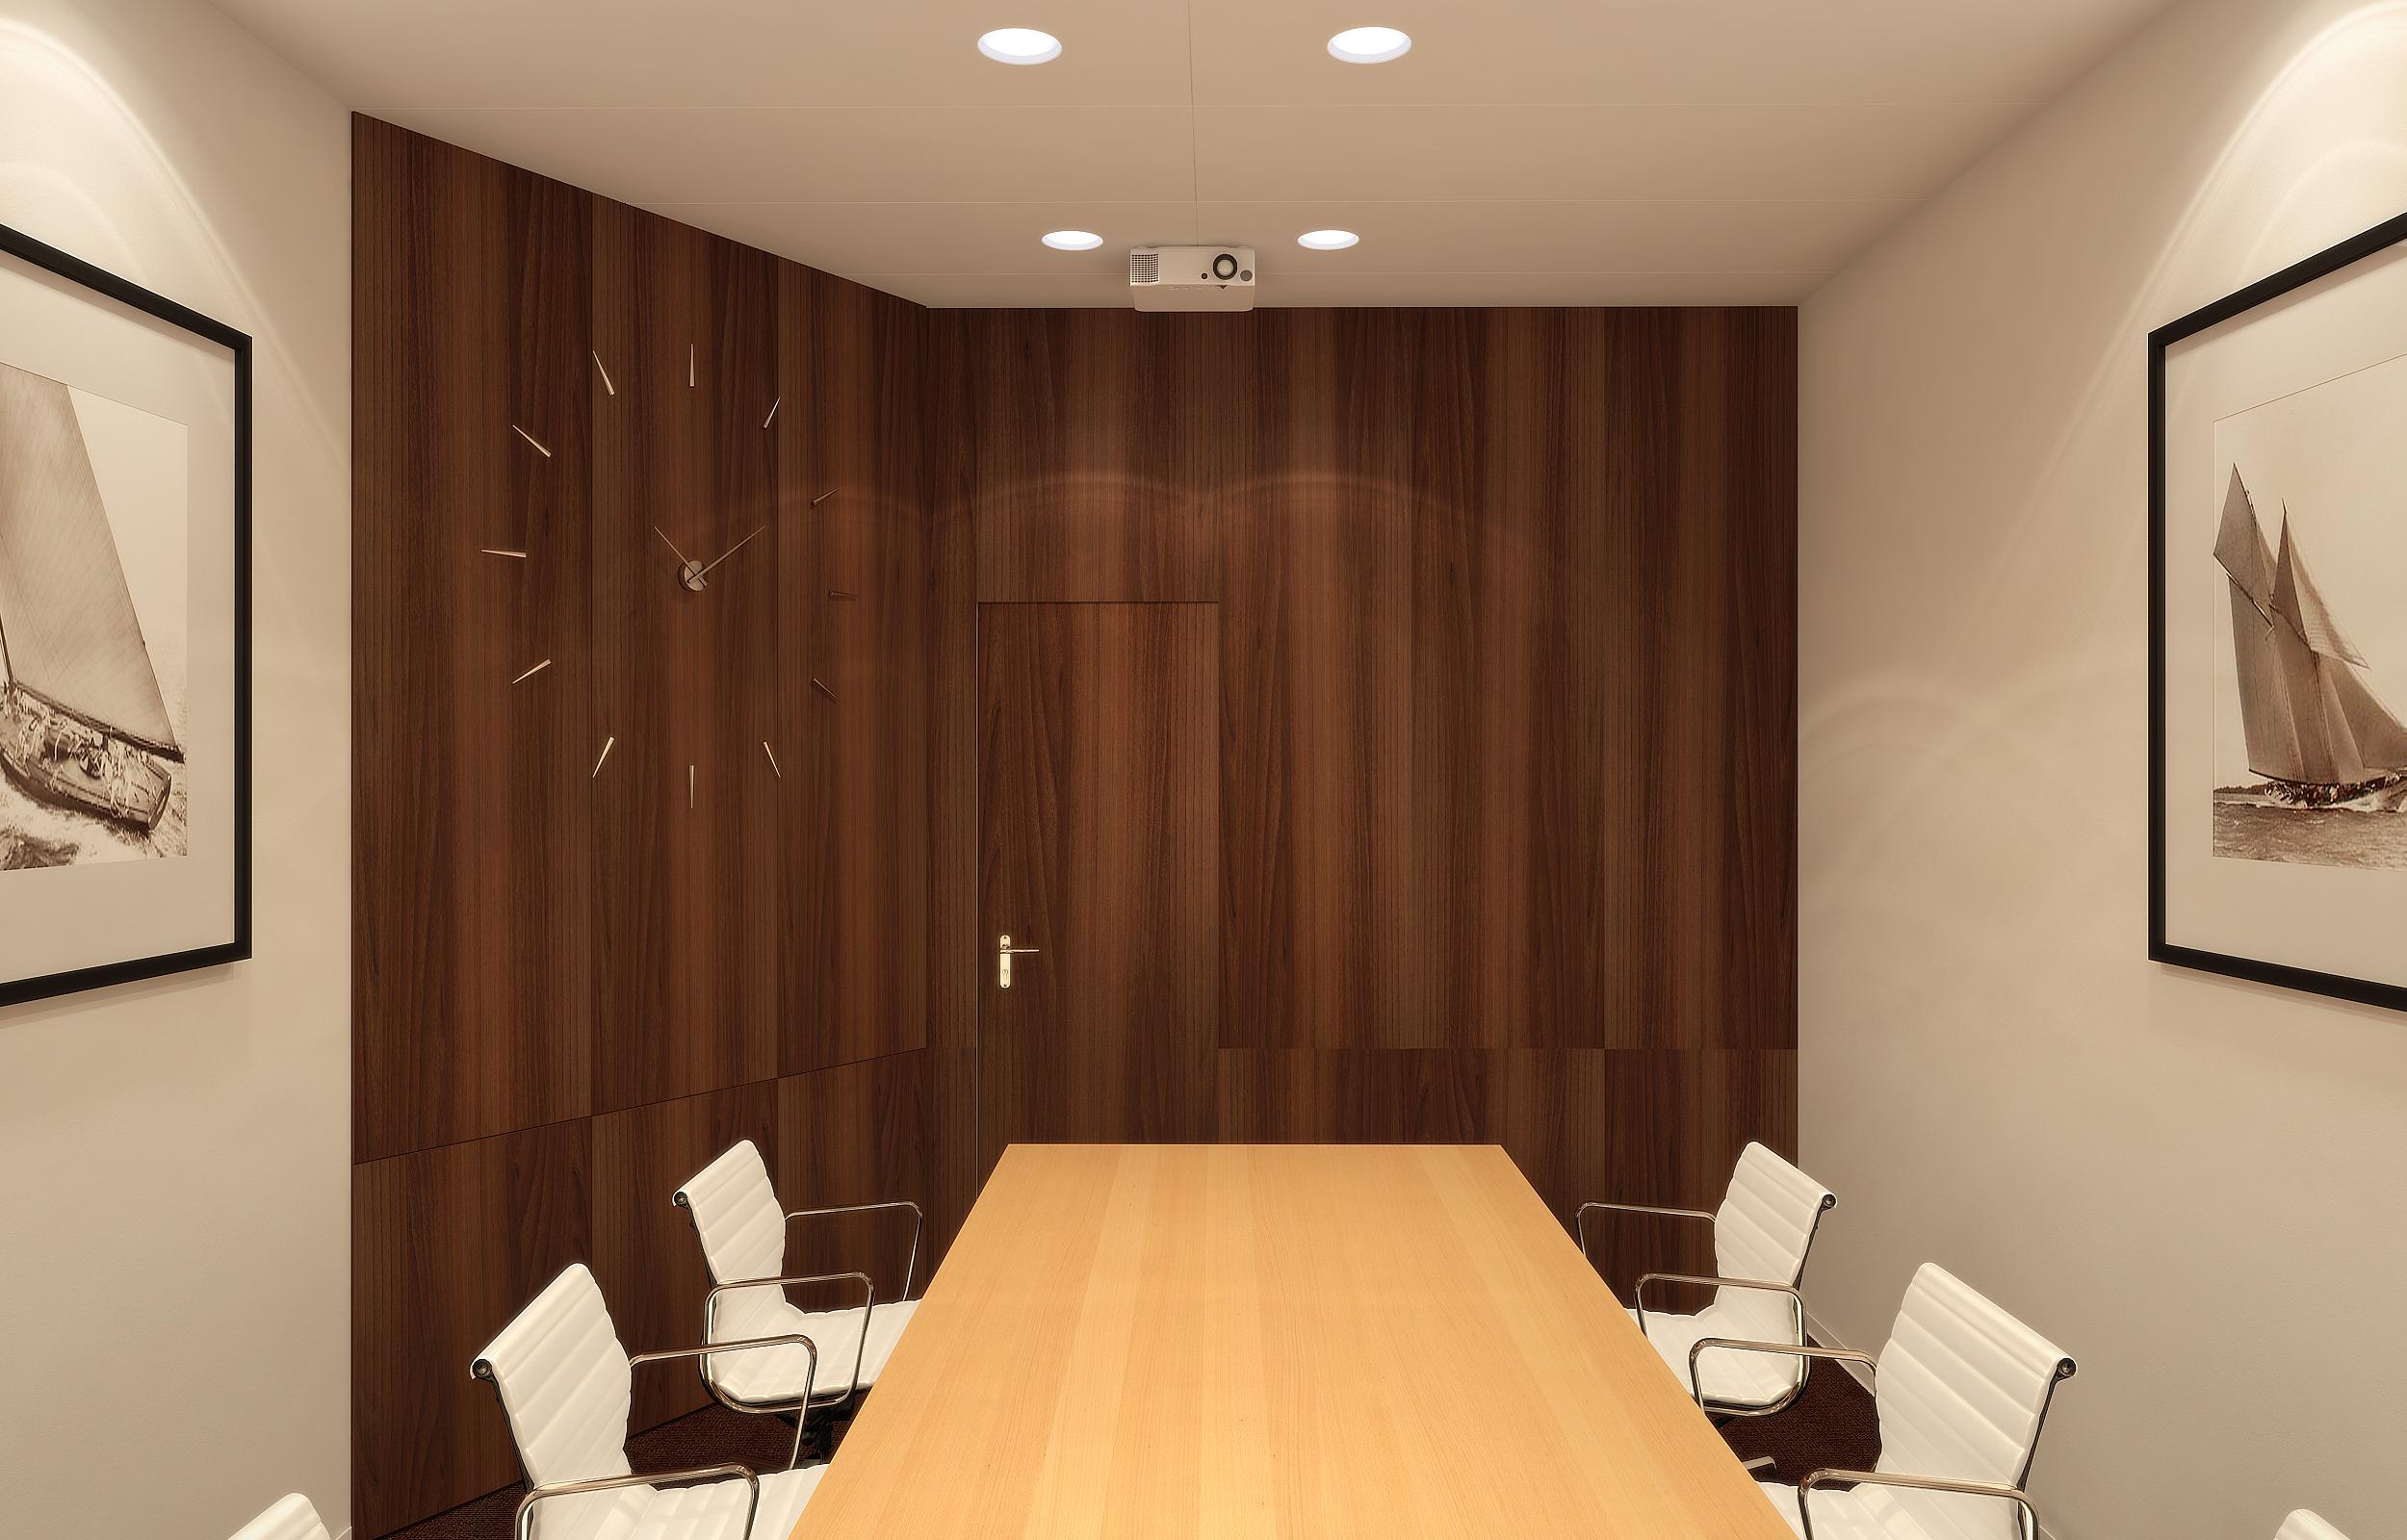 Meeting_room_02.jpg